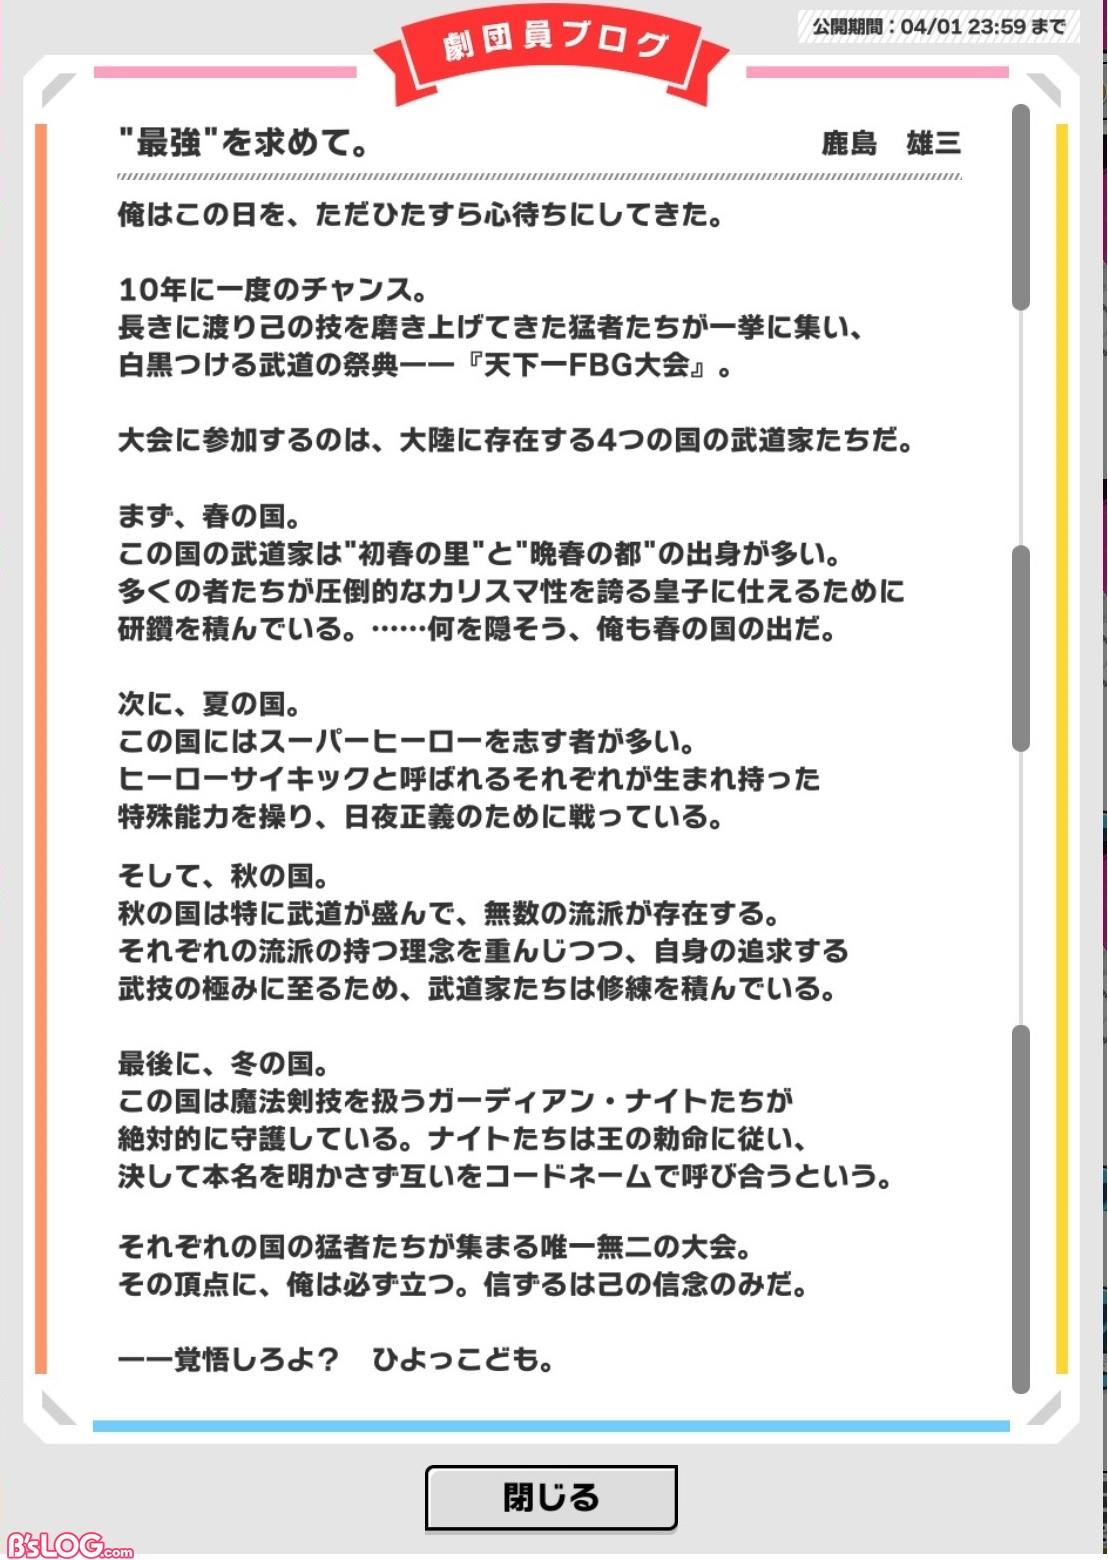 a3_20190401雄三